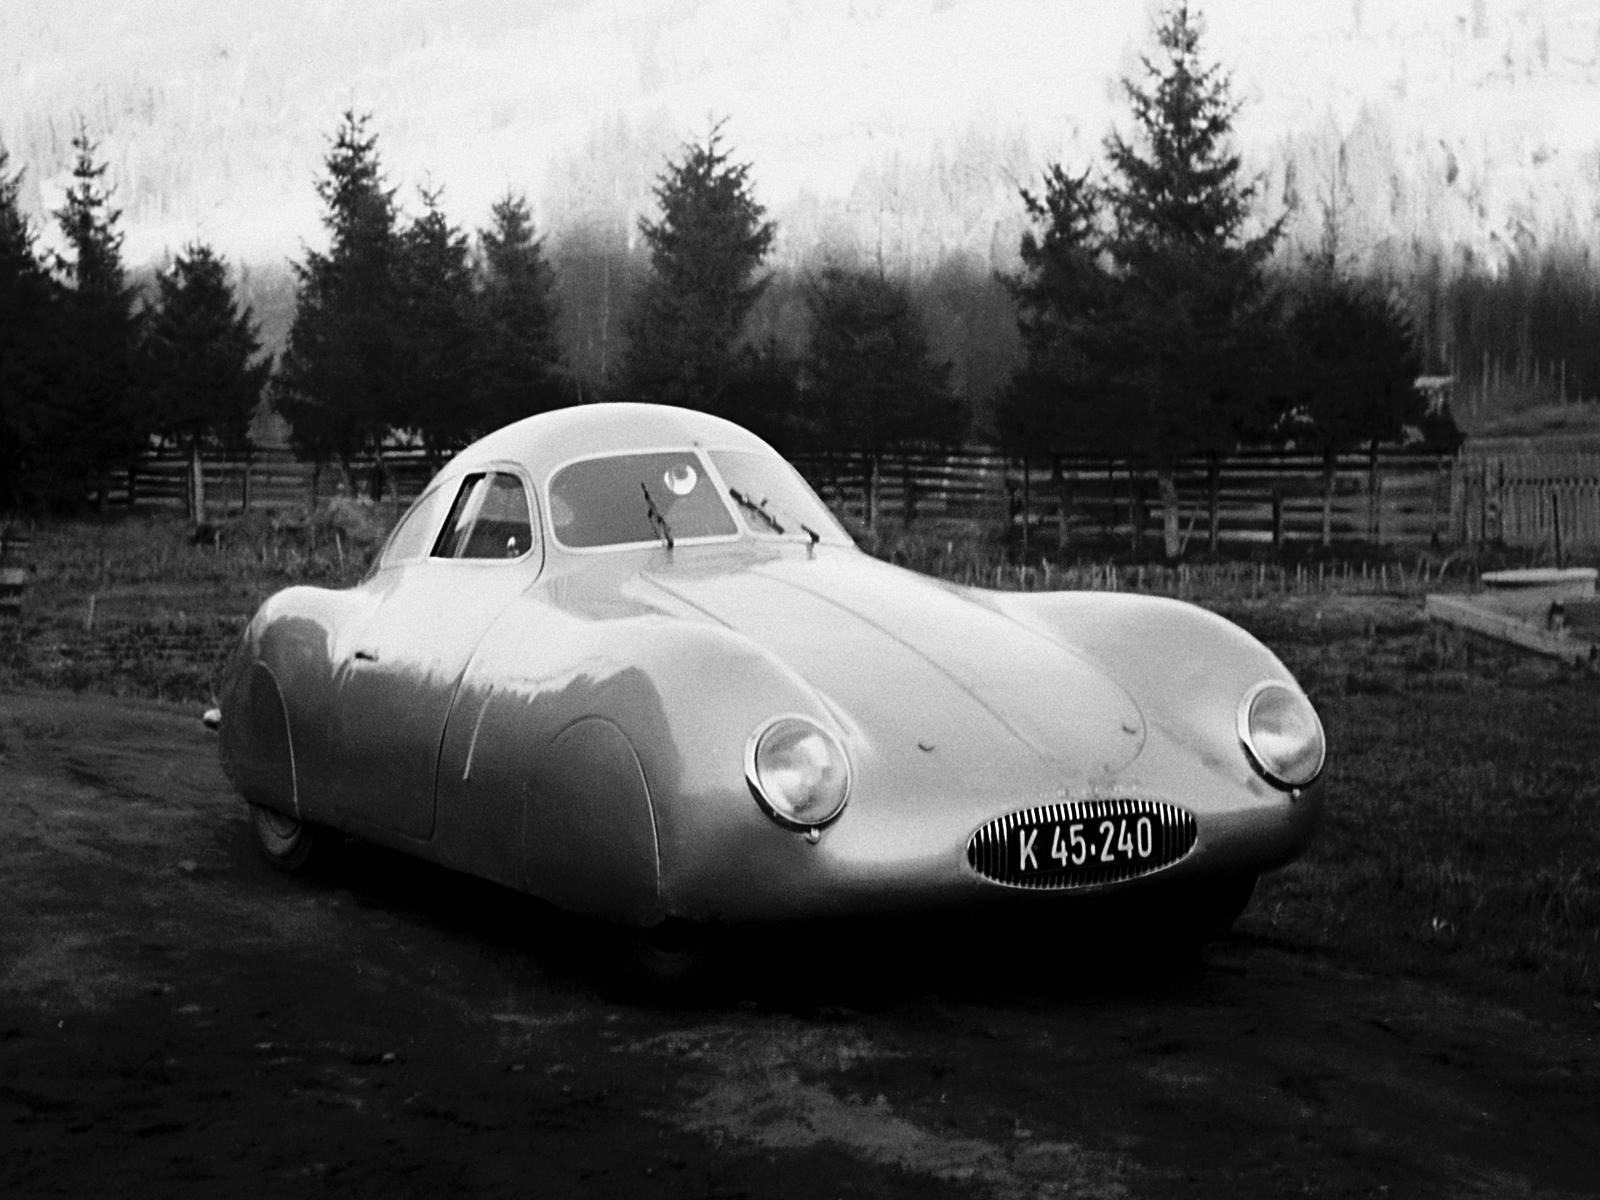 1939 Porsche Type 64 Retro Supercar F Wallpaper